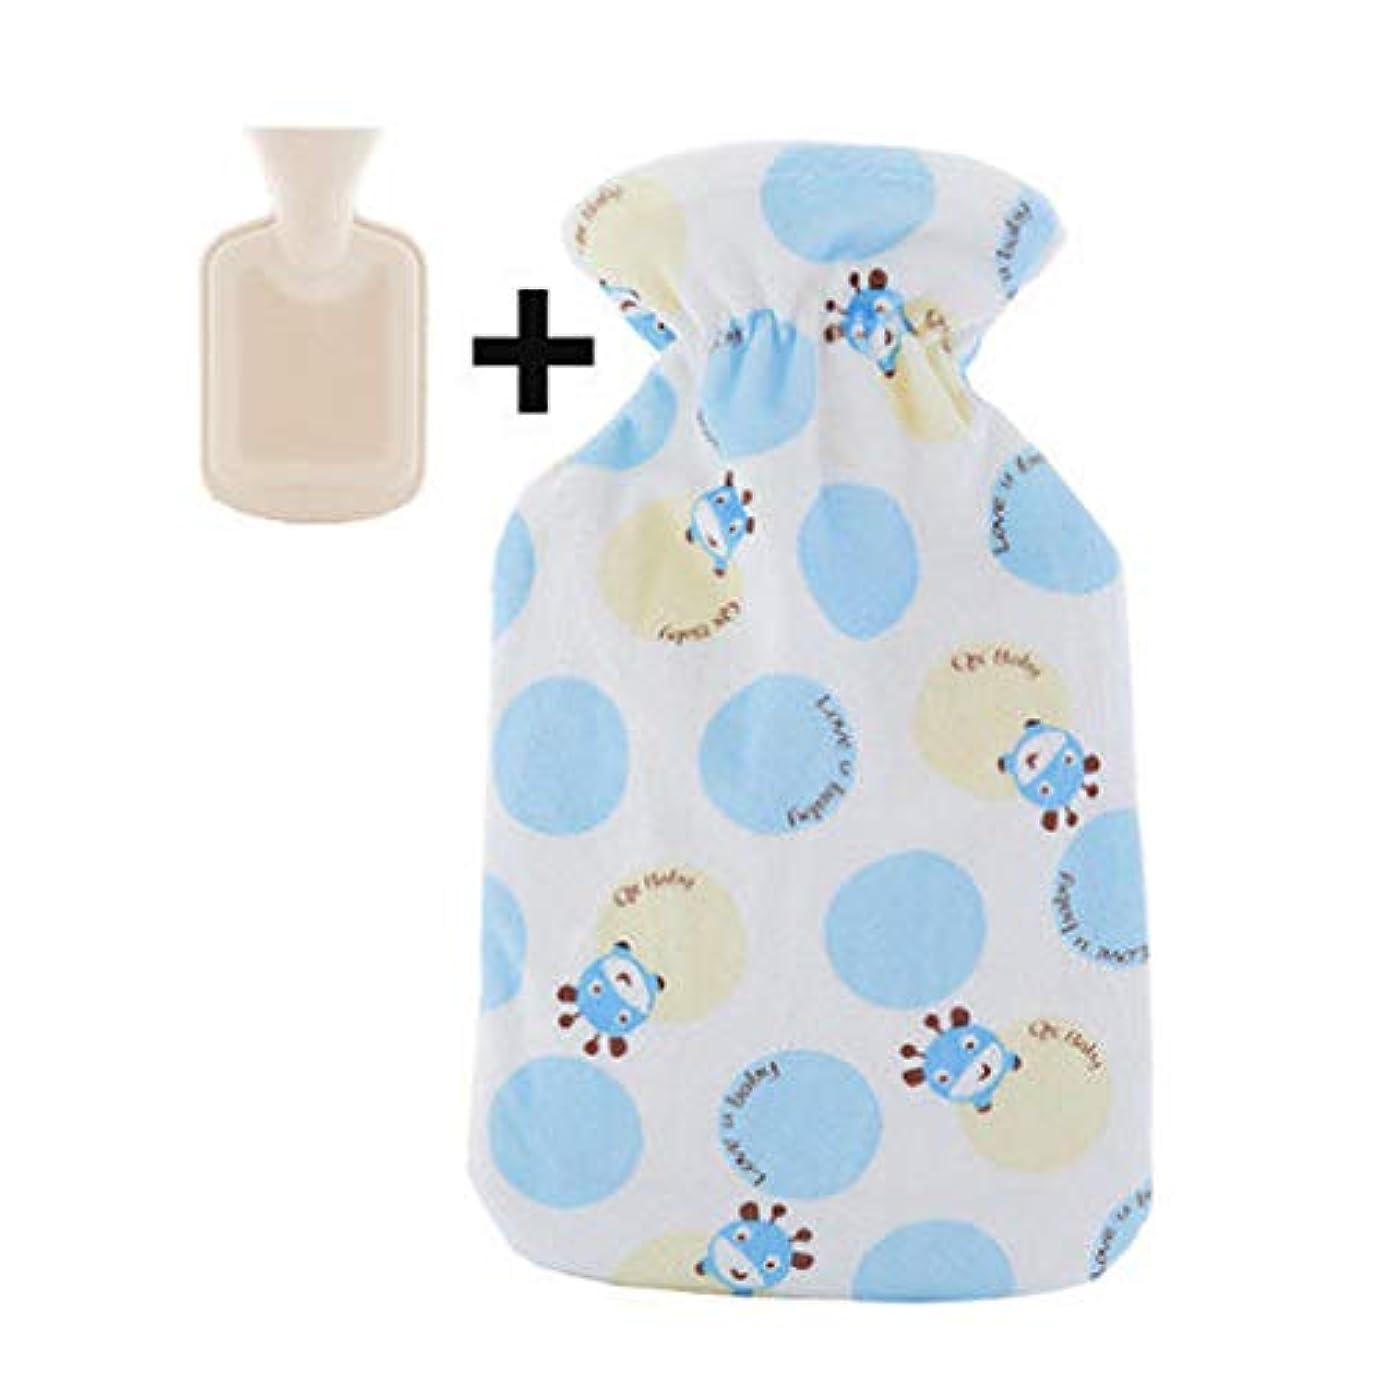 規模回答パシフィック古典的なゴムの熱い水のボトルは小さいサイズ - 500ML